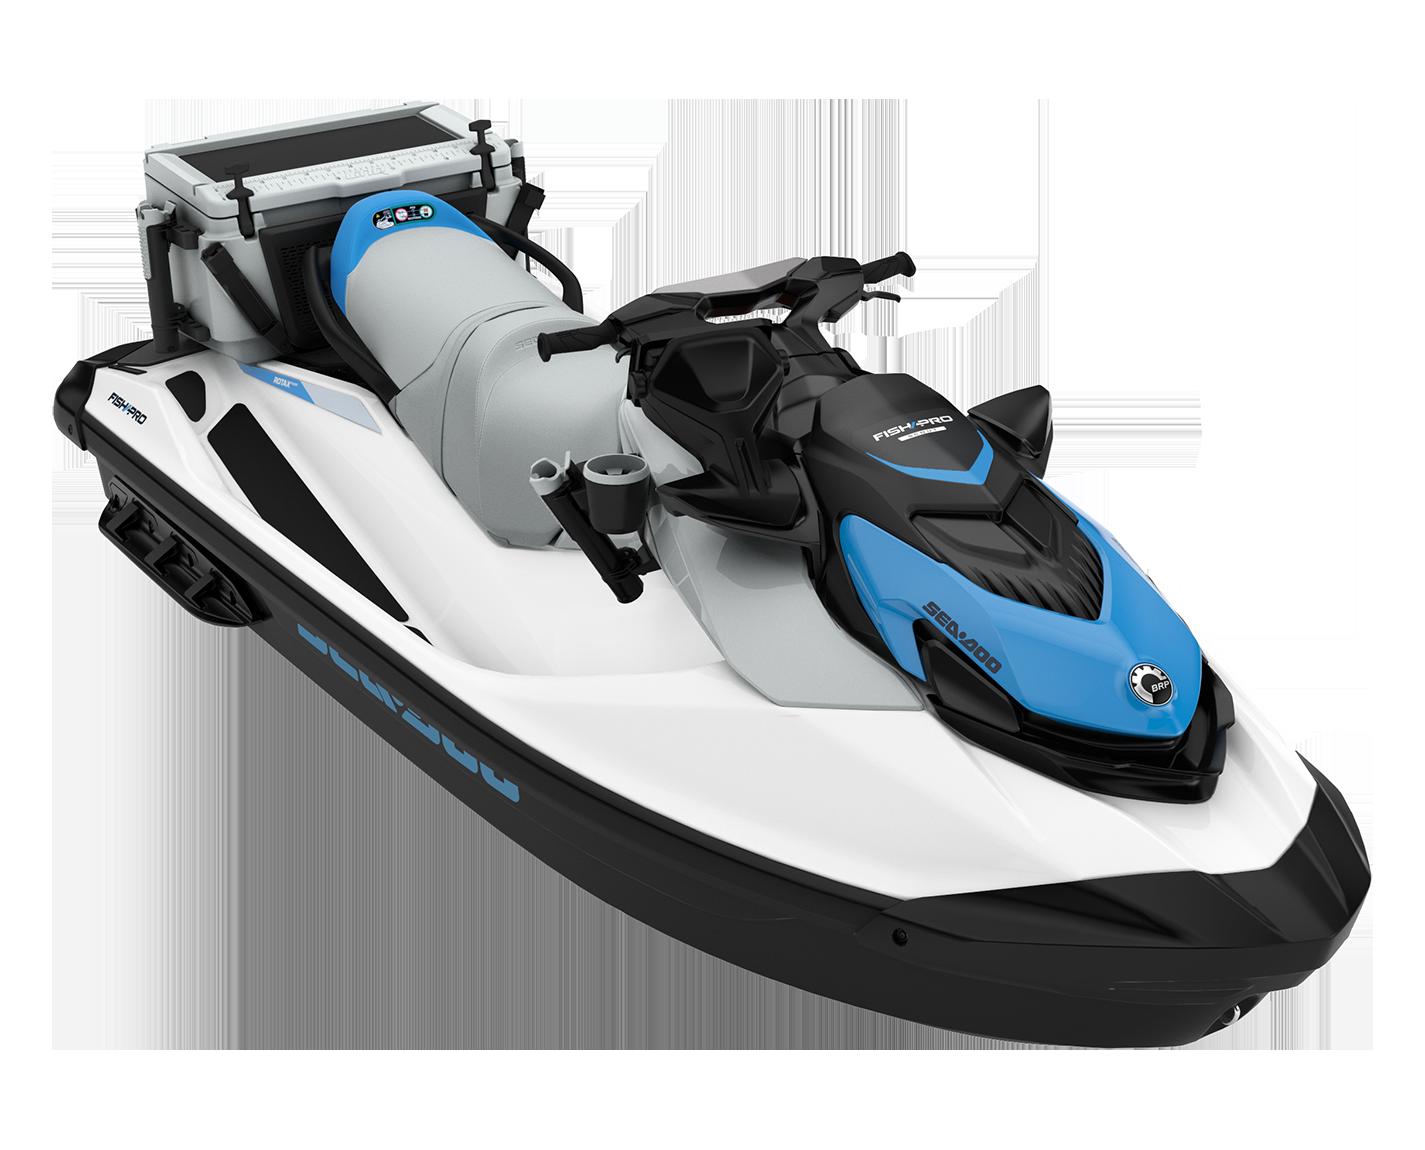 Comprar moto de agua Sea-Doo Fish Pro Scout 130 en Barcelona